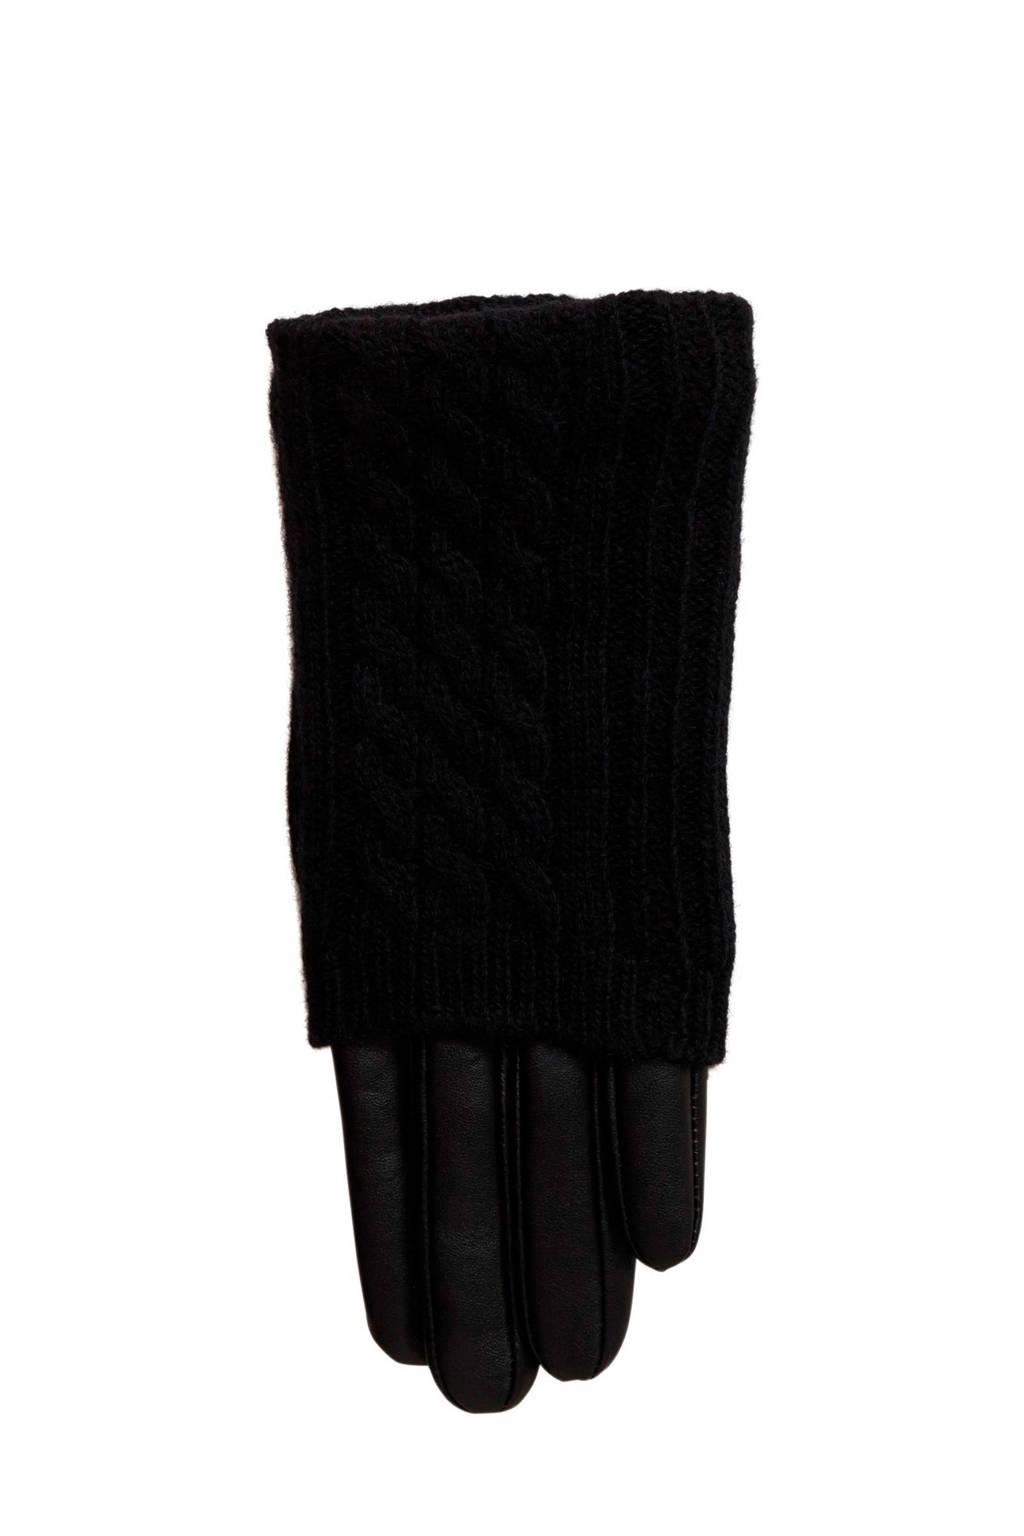 VERO MODA leren handschoen zwart, Zwart